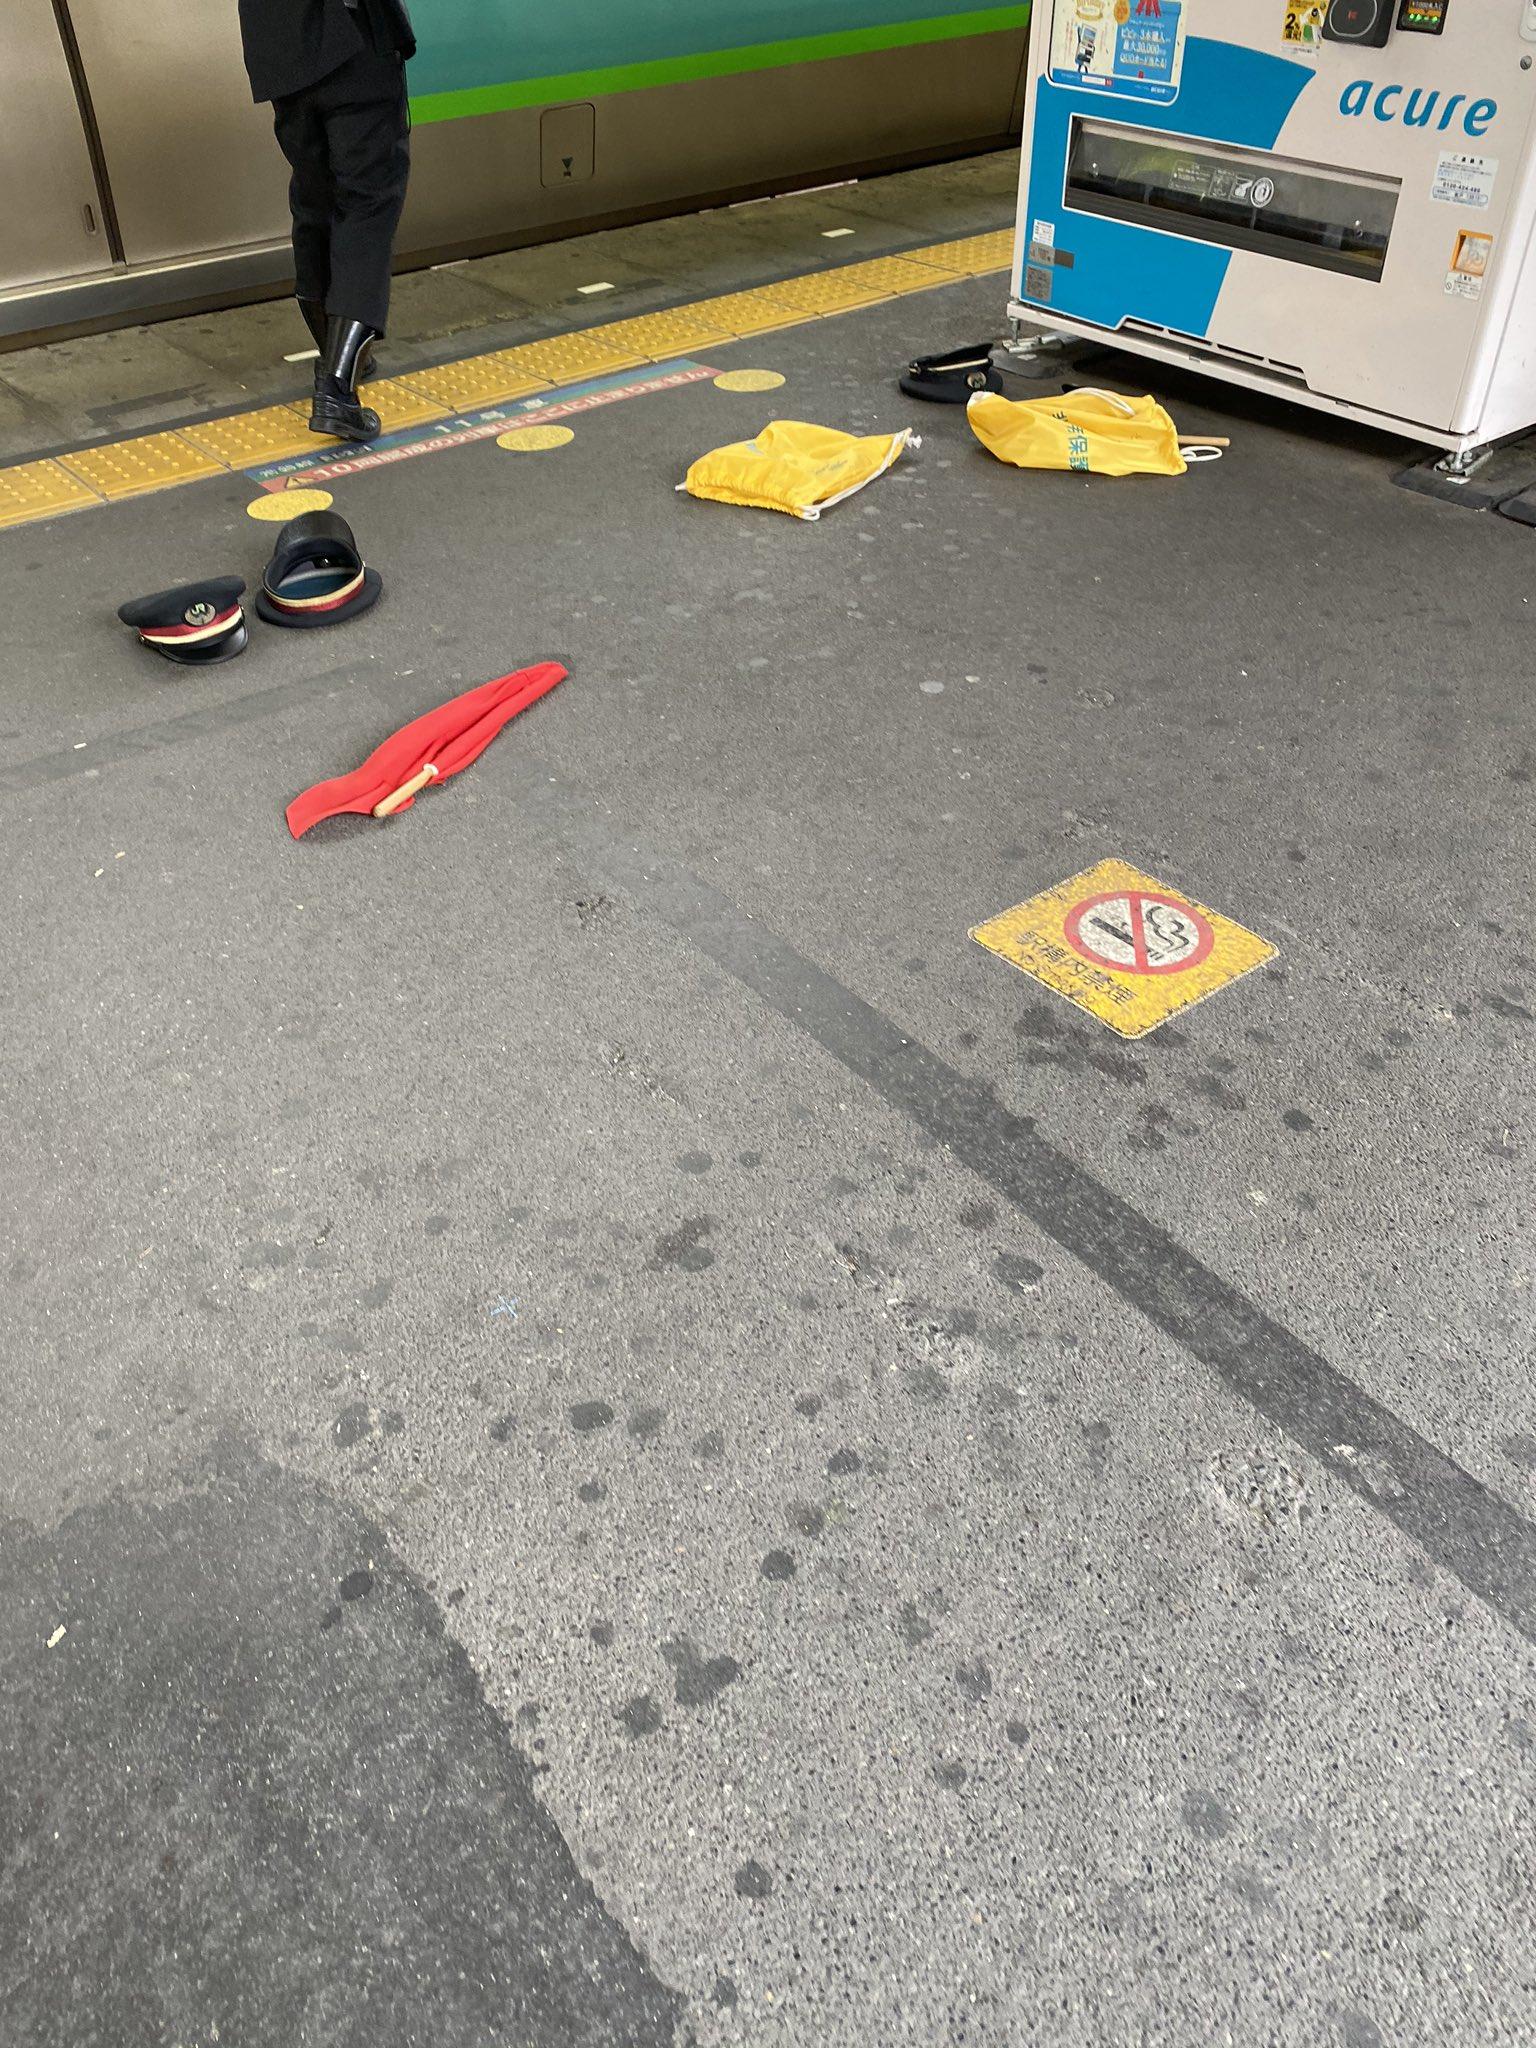 常磐線快速の松戸駅の人身事故現場の画像